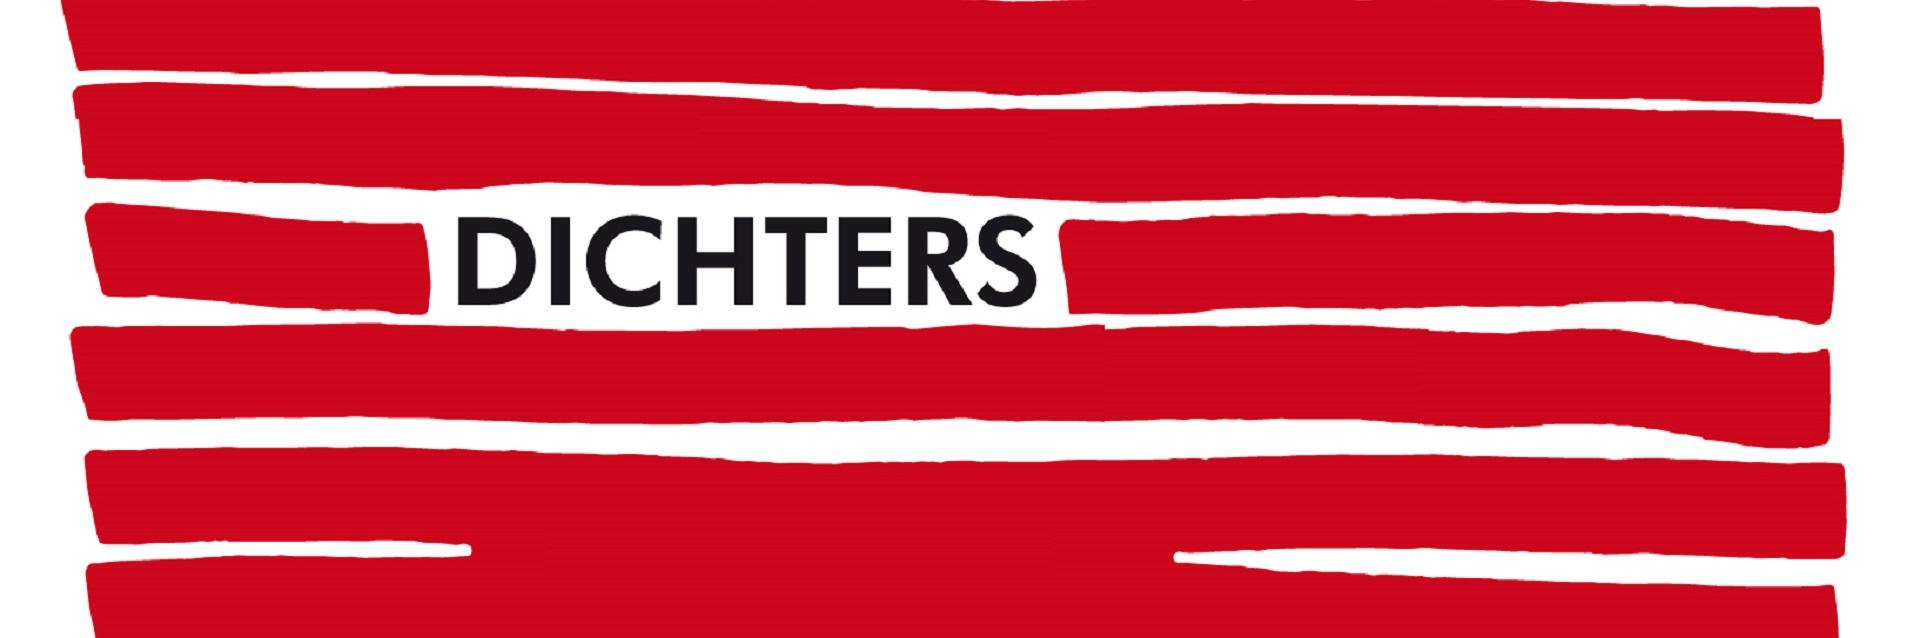 header-dichters-van-het-nieuwe-millennium